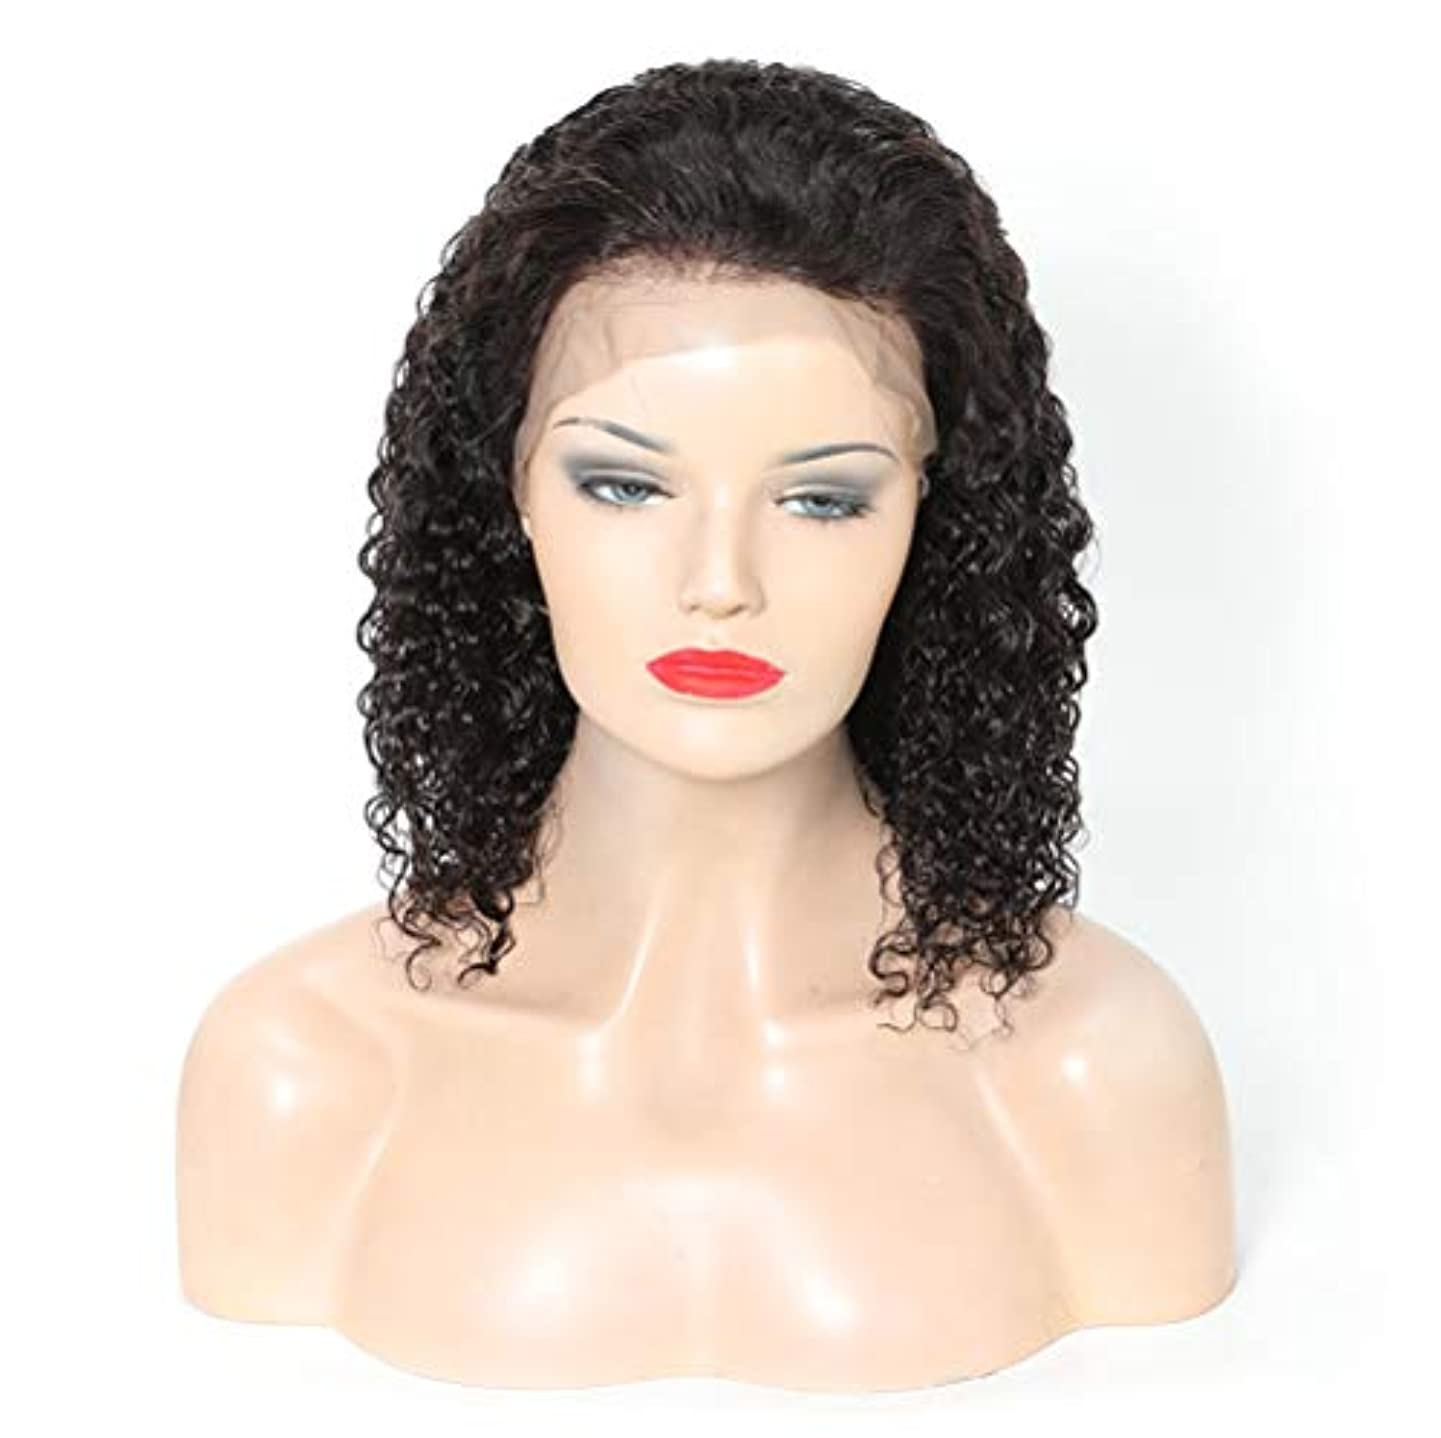 履歴書オーストラリア矢じり女性フロントレース150%密度ブラジルレミー人間の髪の毛のかつら非常に巻き毛のウェーブのかかった髪のかつら